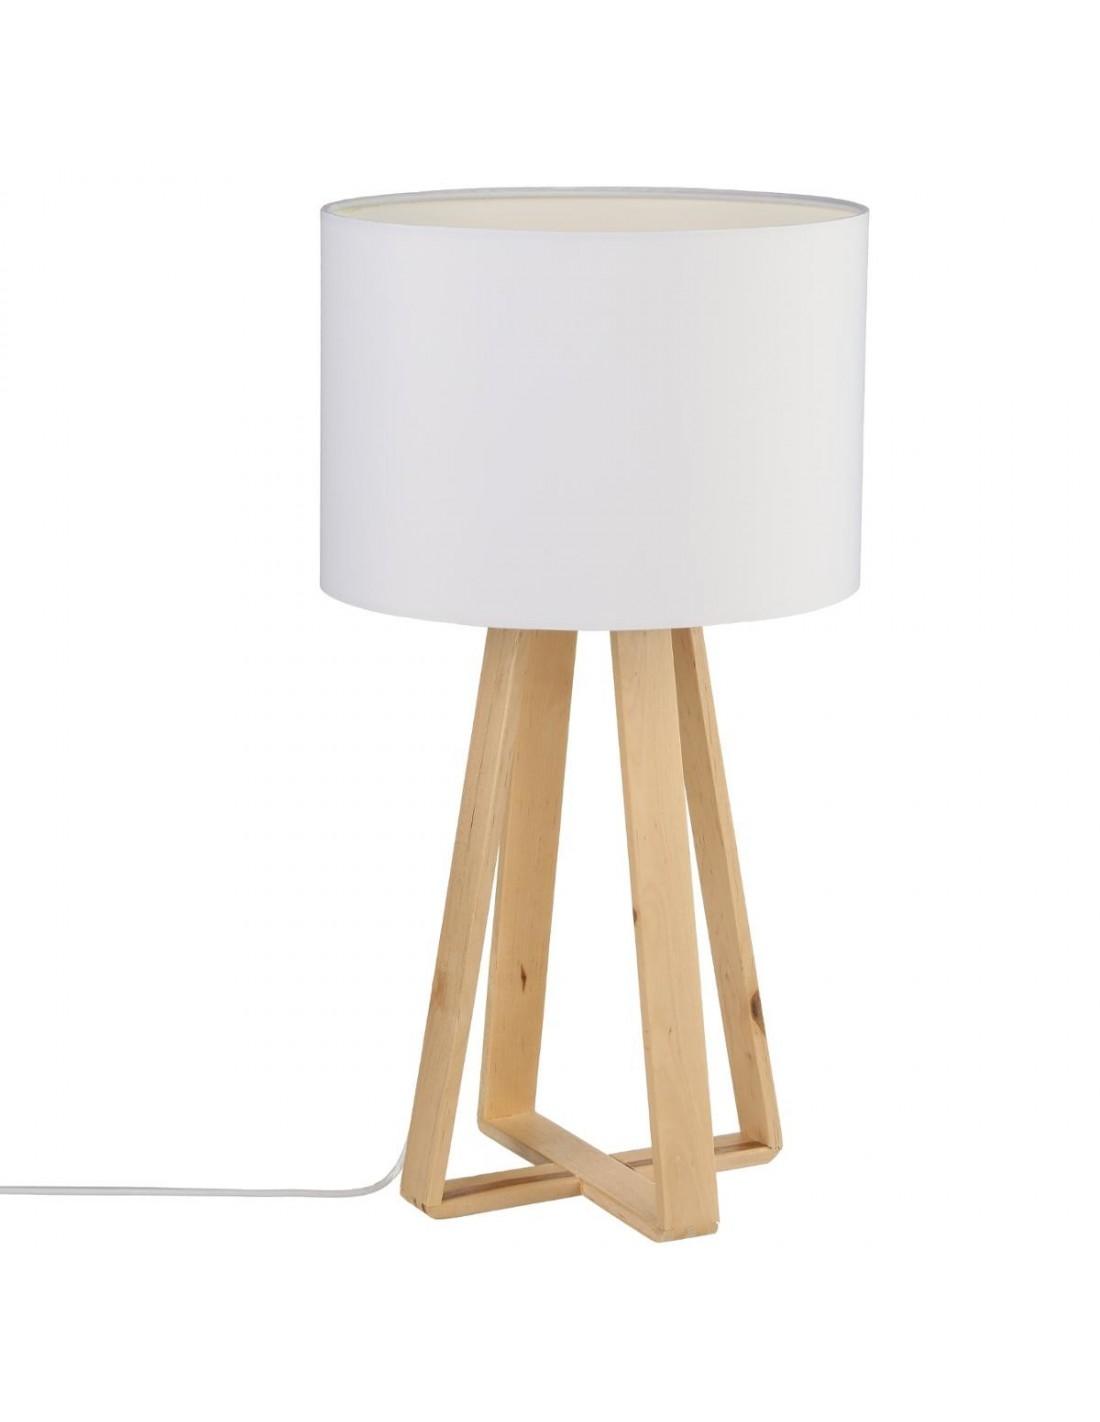 lampe blanche pied en bois h47 5. Black Bedroom Furniture Sets. Home Design Ideas